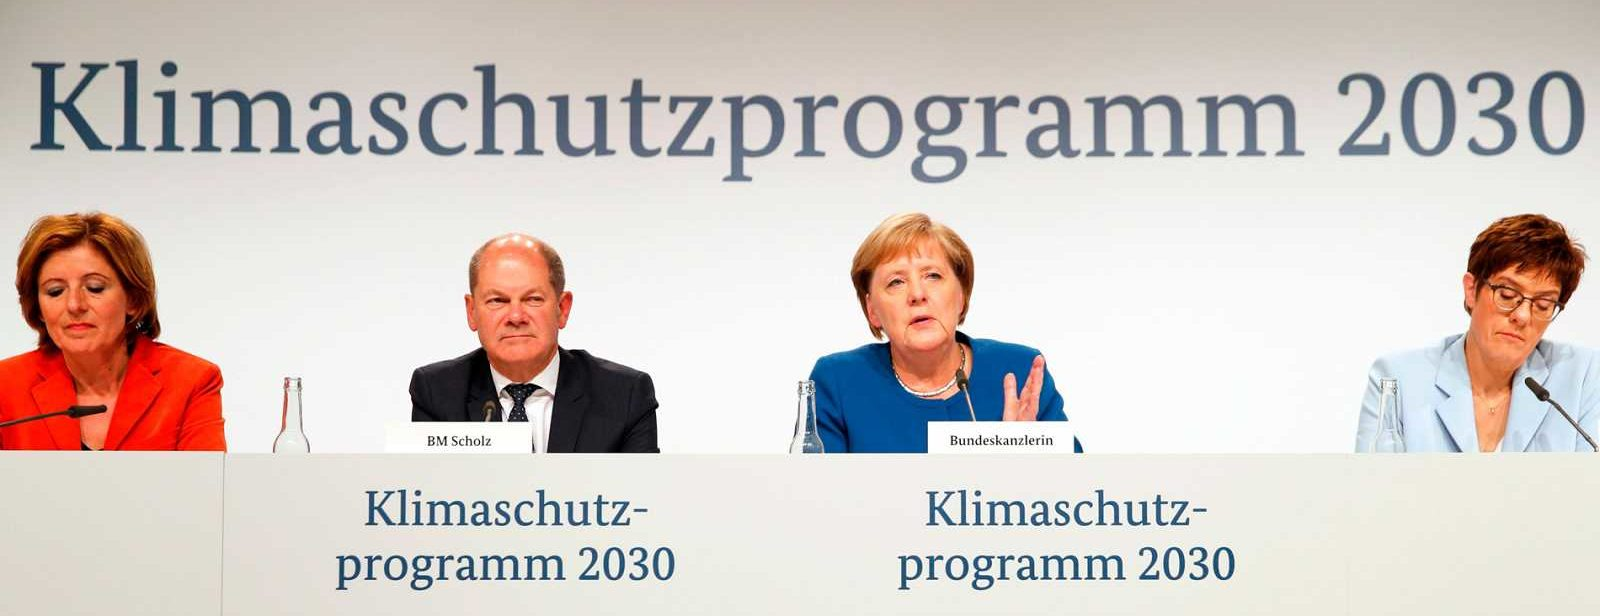 programa-70-medidas-contra-cambio-climatico-alemania-2030